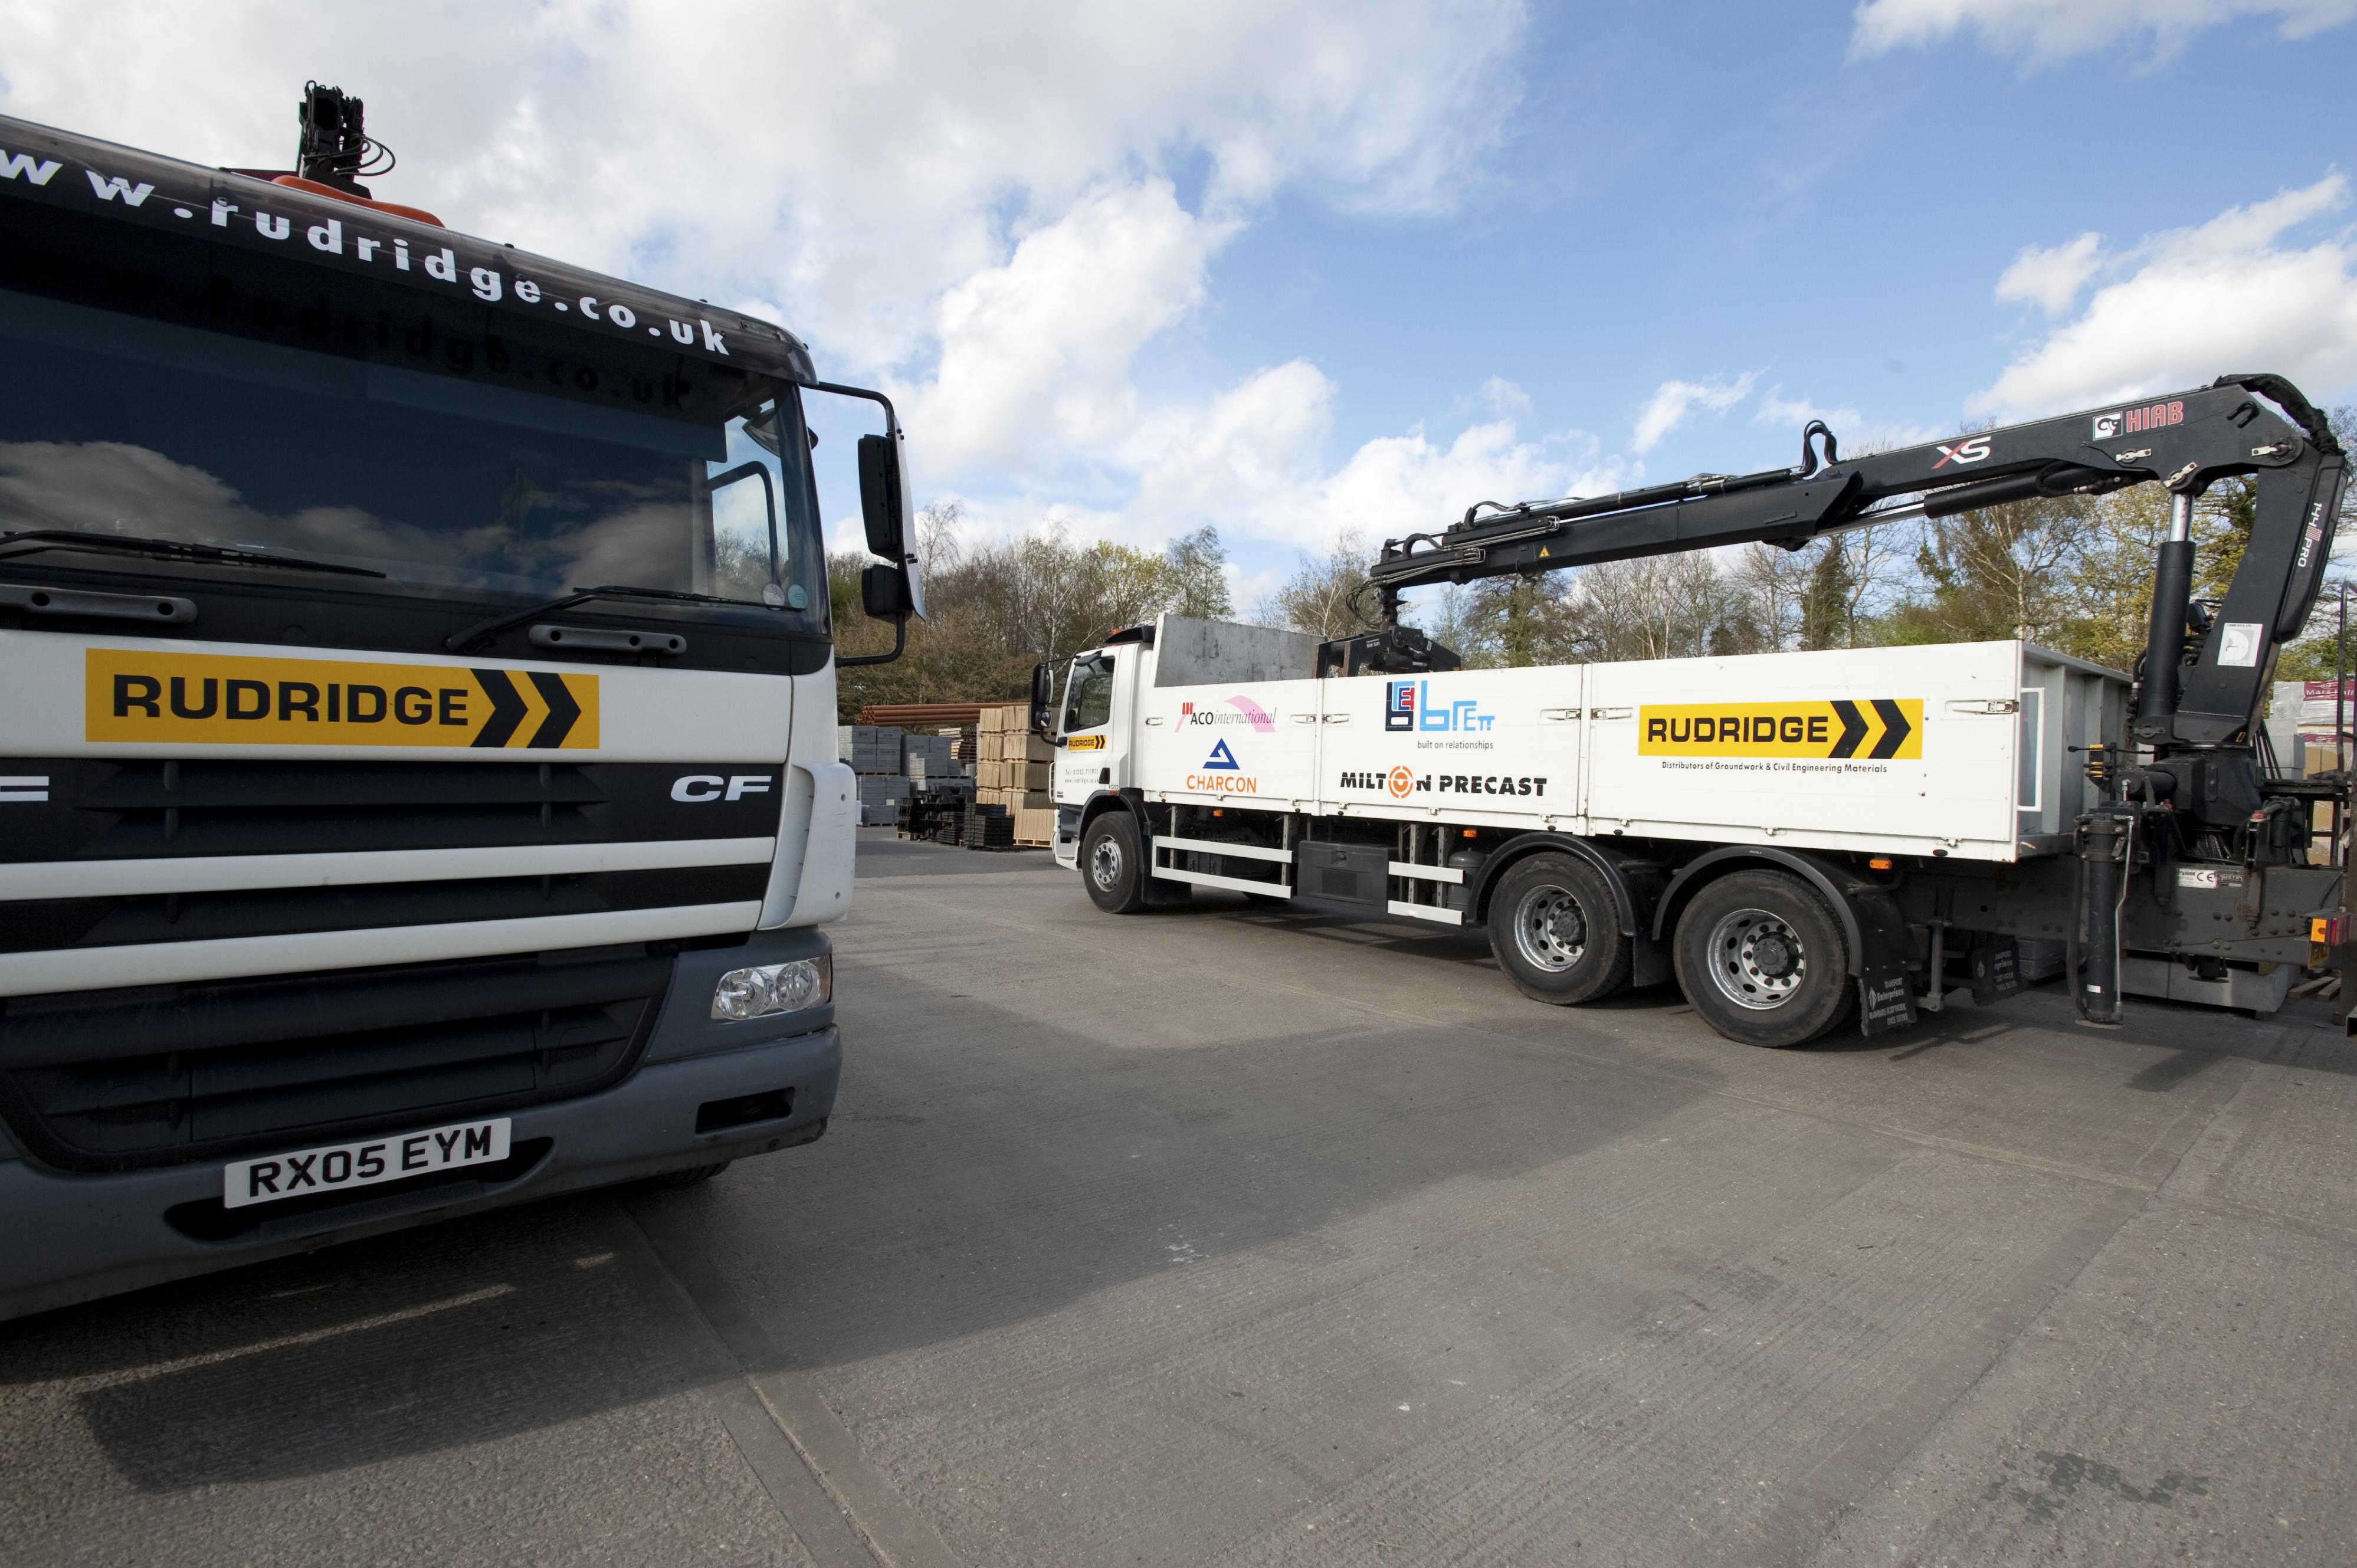 rudridge branded trucks